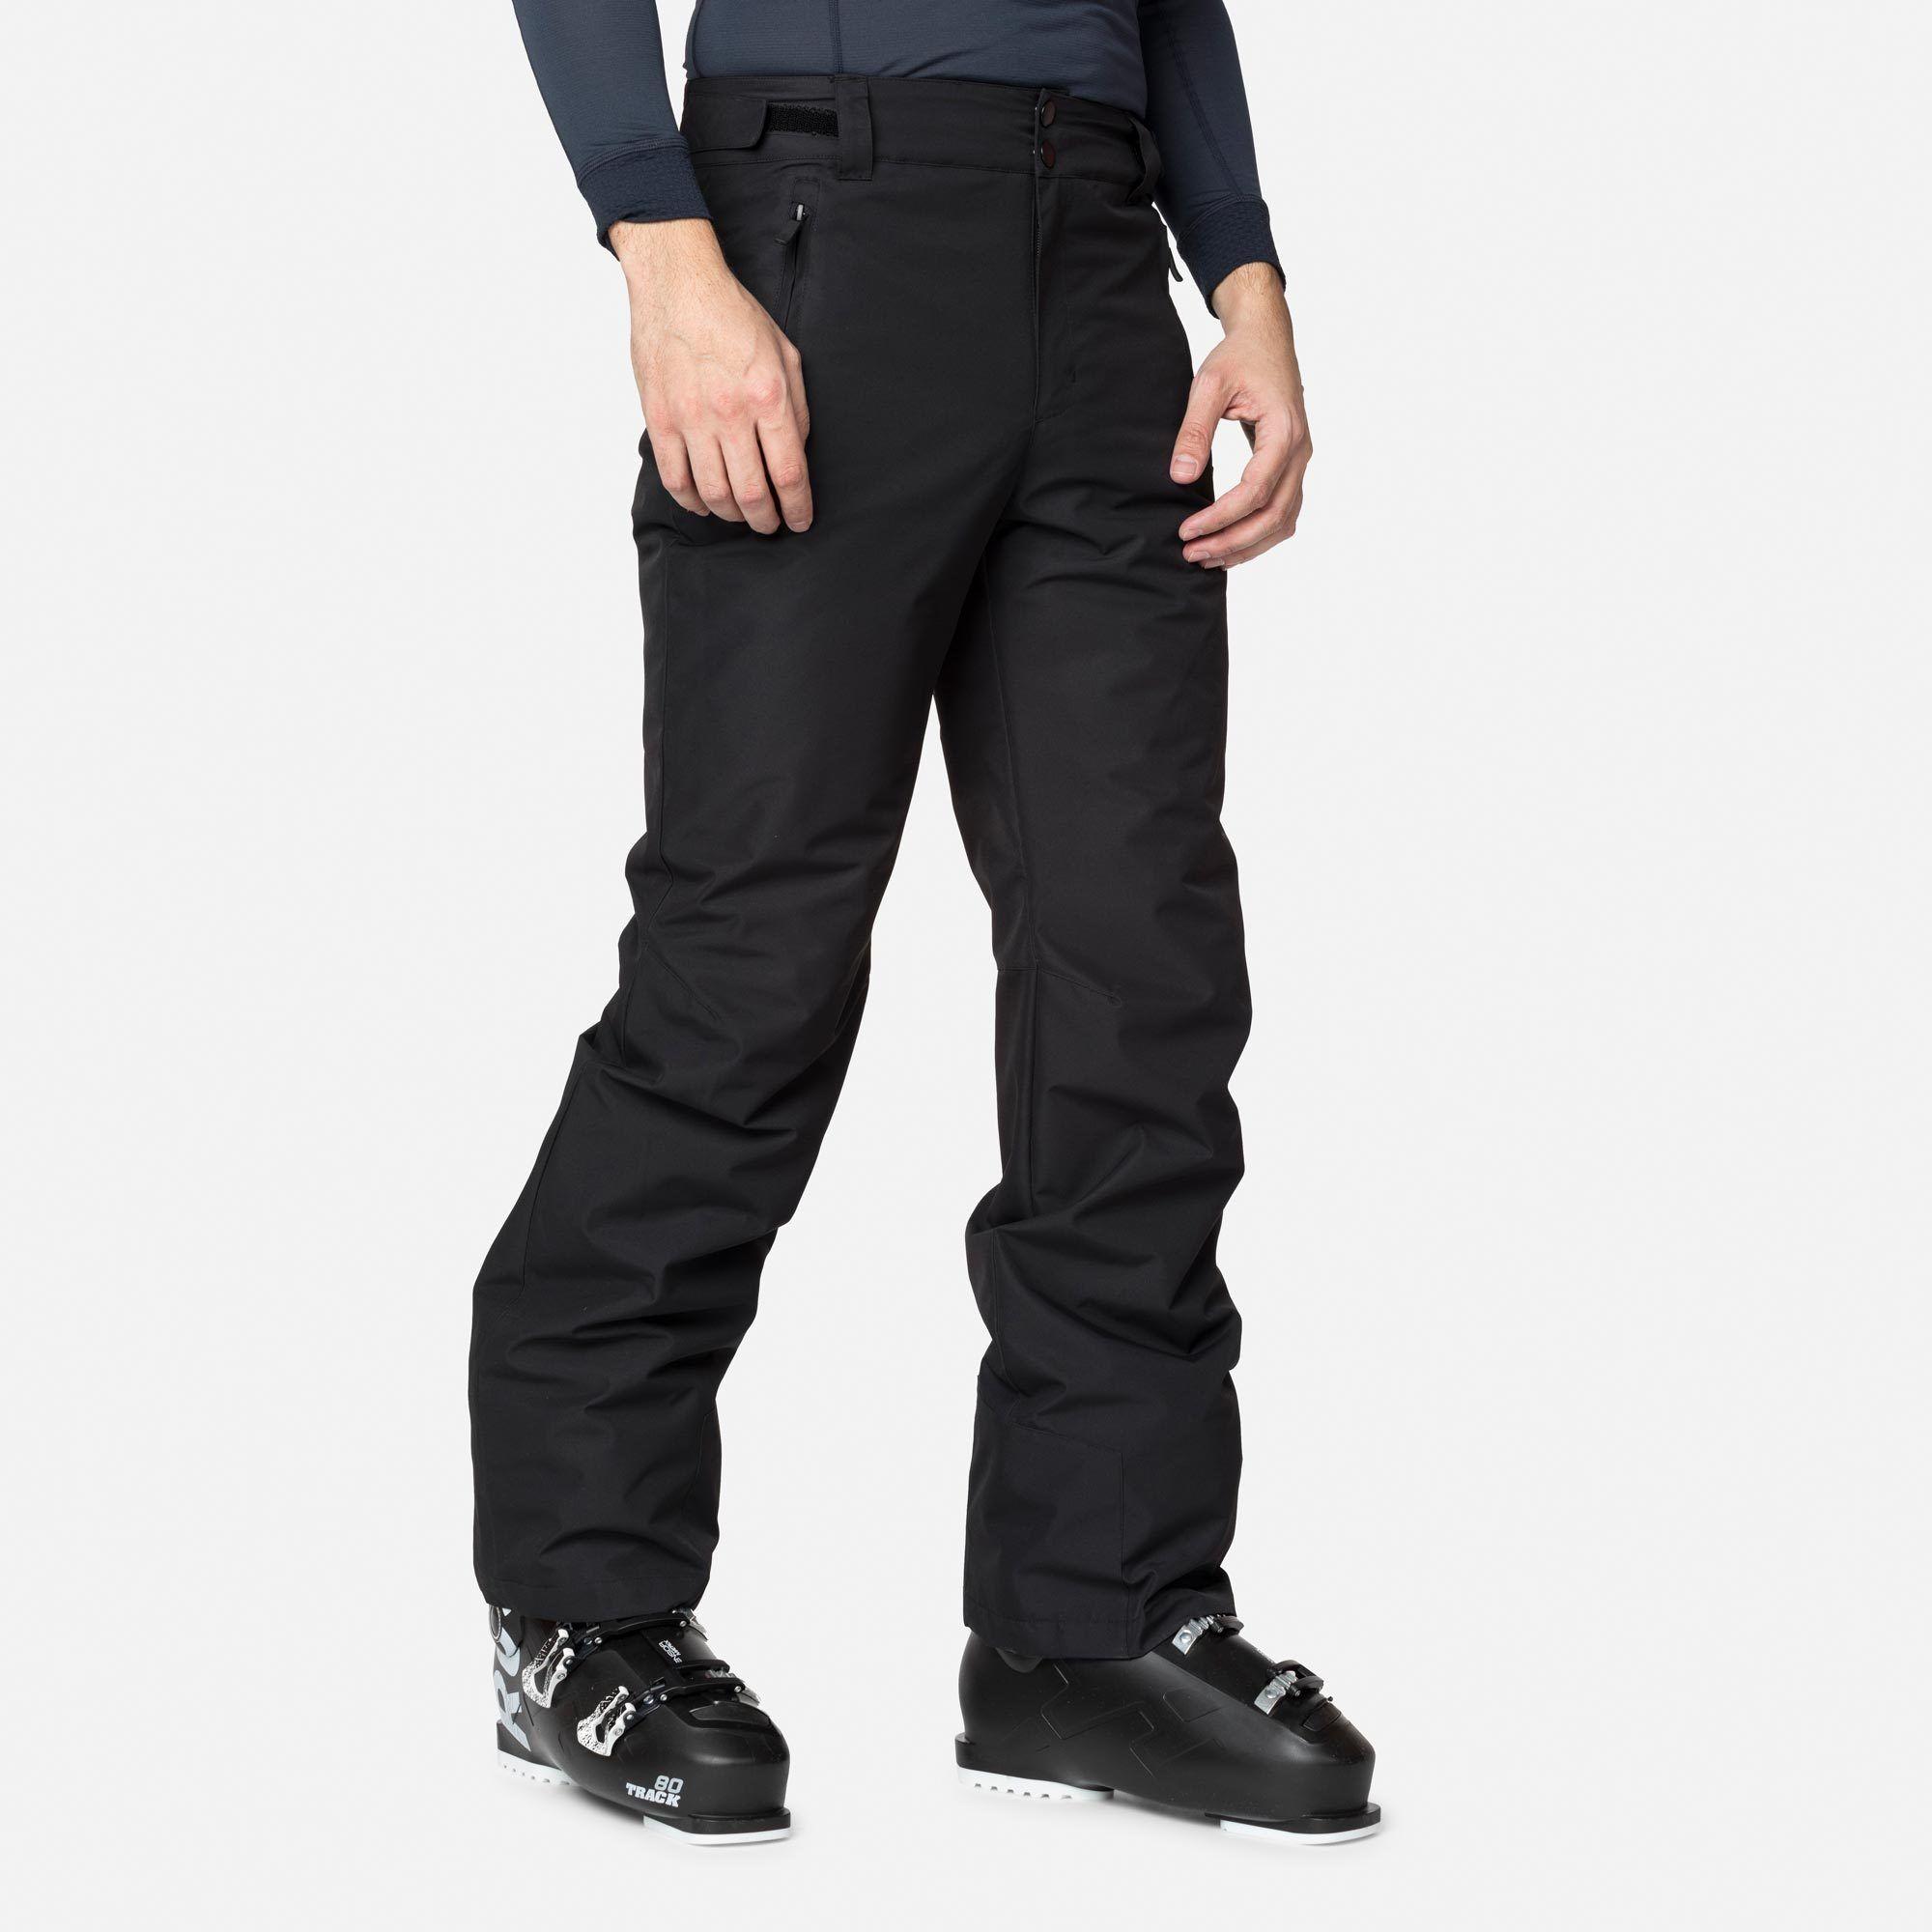 e9010d607 Rossignol Rapide Pants pánske lyžiarské nohavice čierne model 2018/19